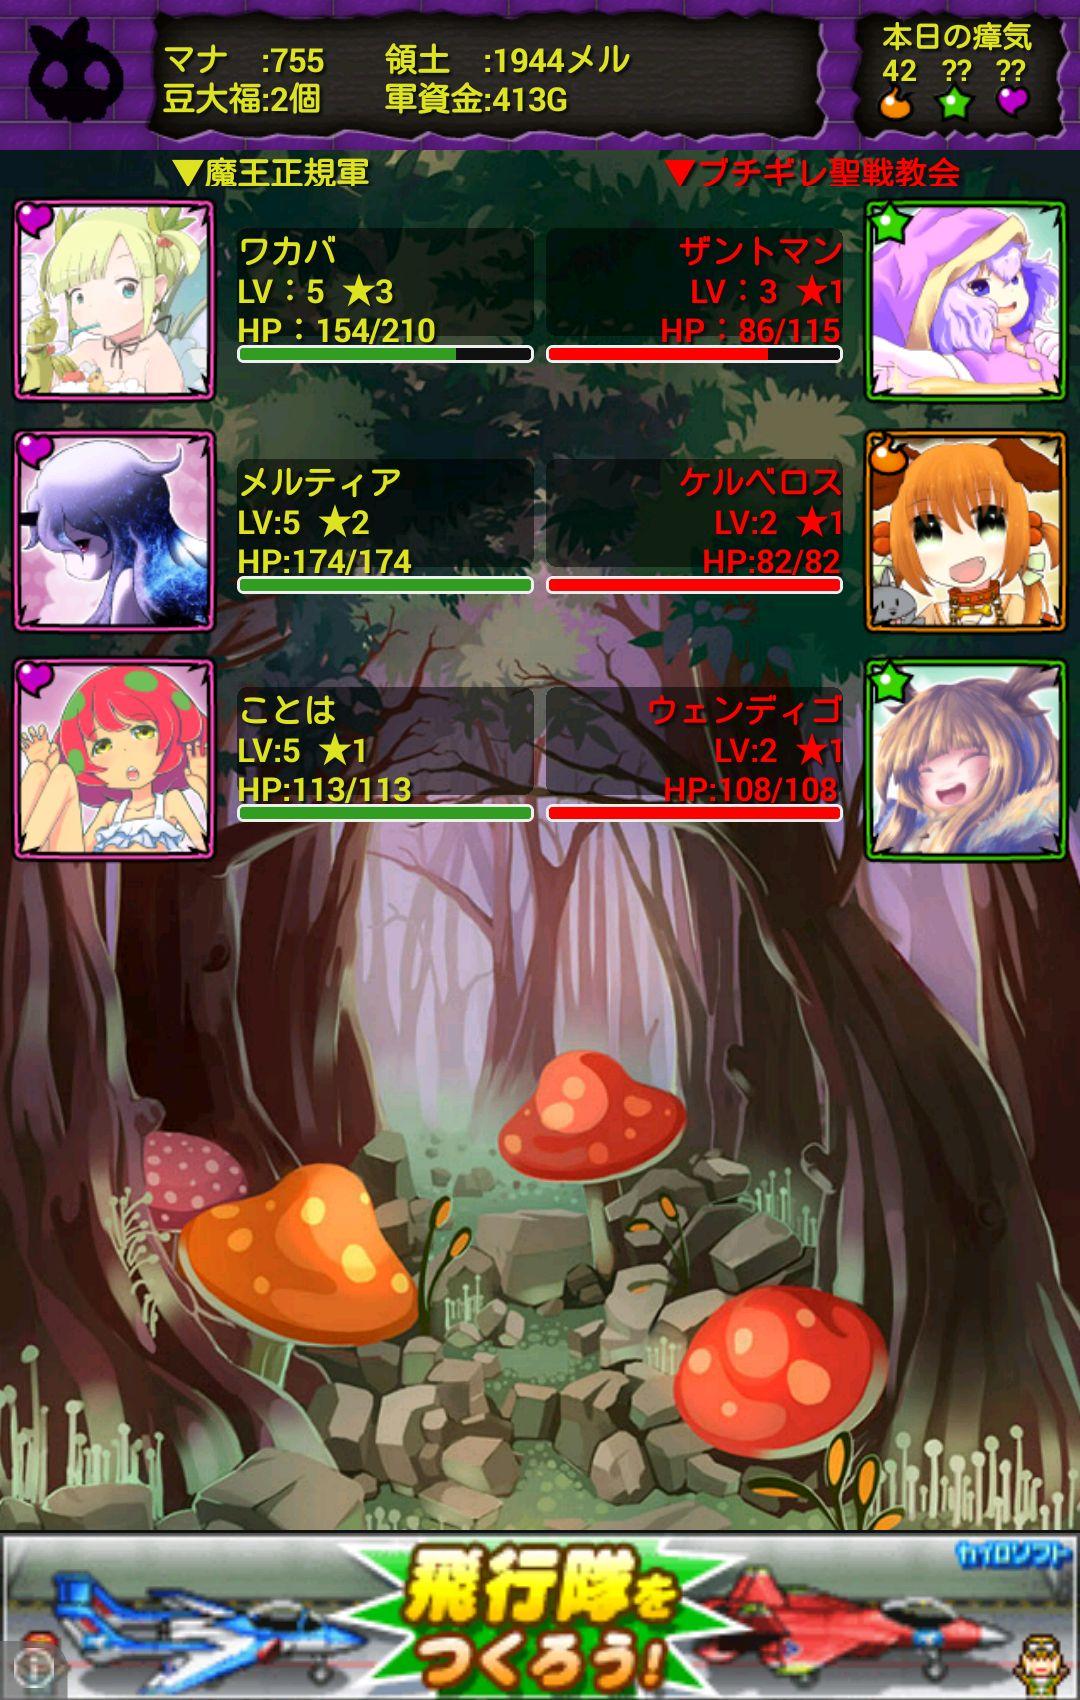 魔界フロンティア! androidアプリスクリーンショット1